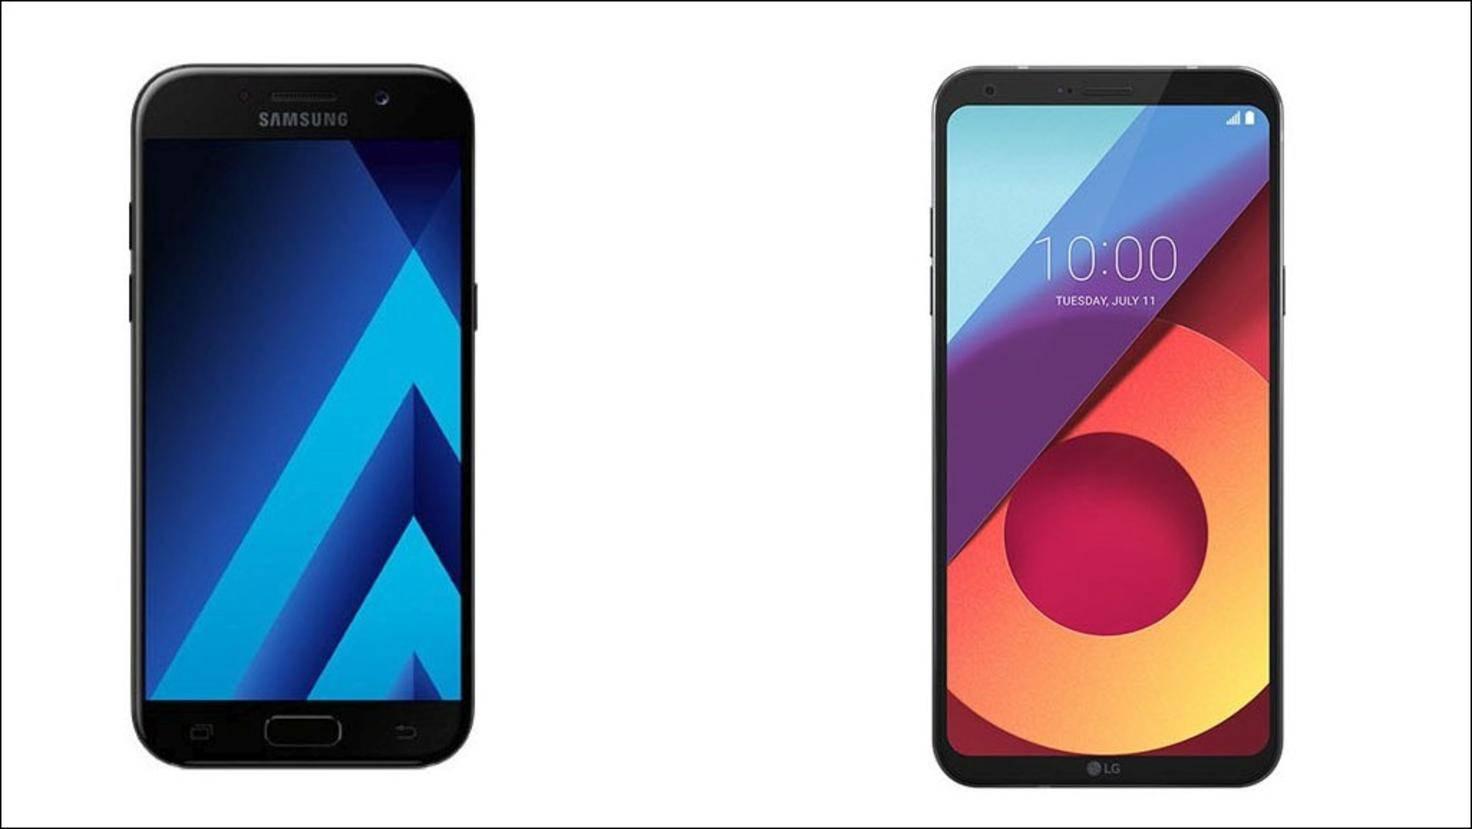 Galaxy-A5-LG-Q6